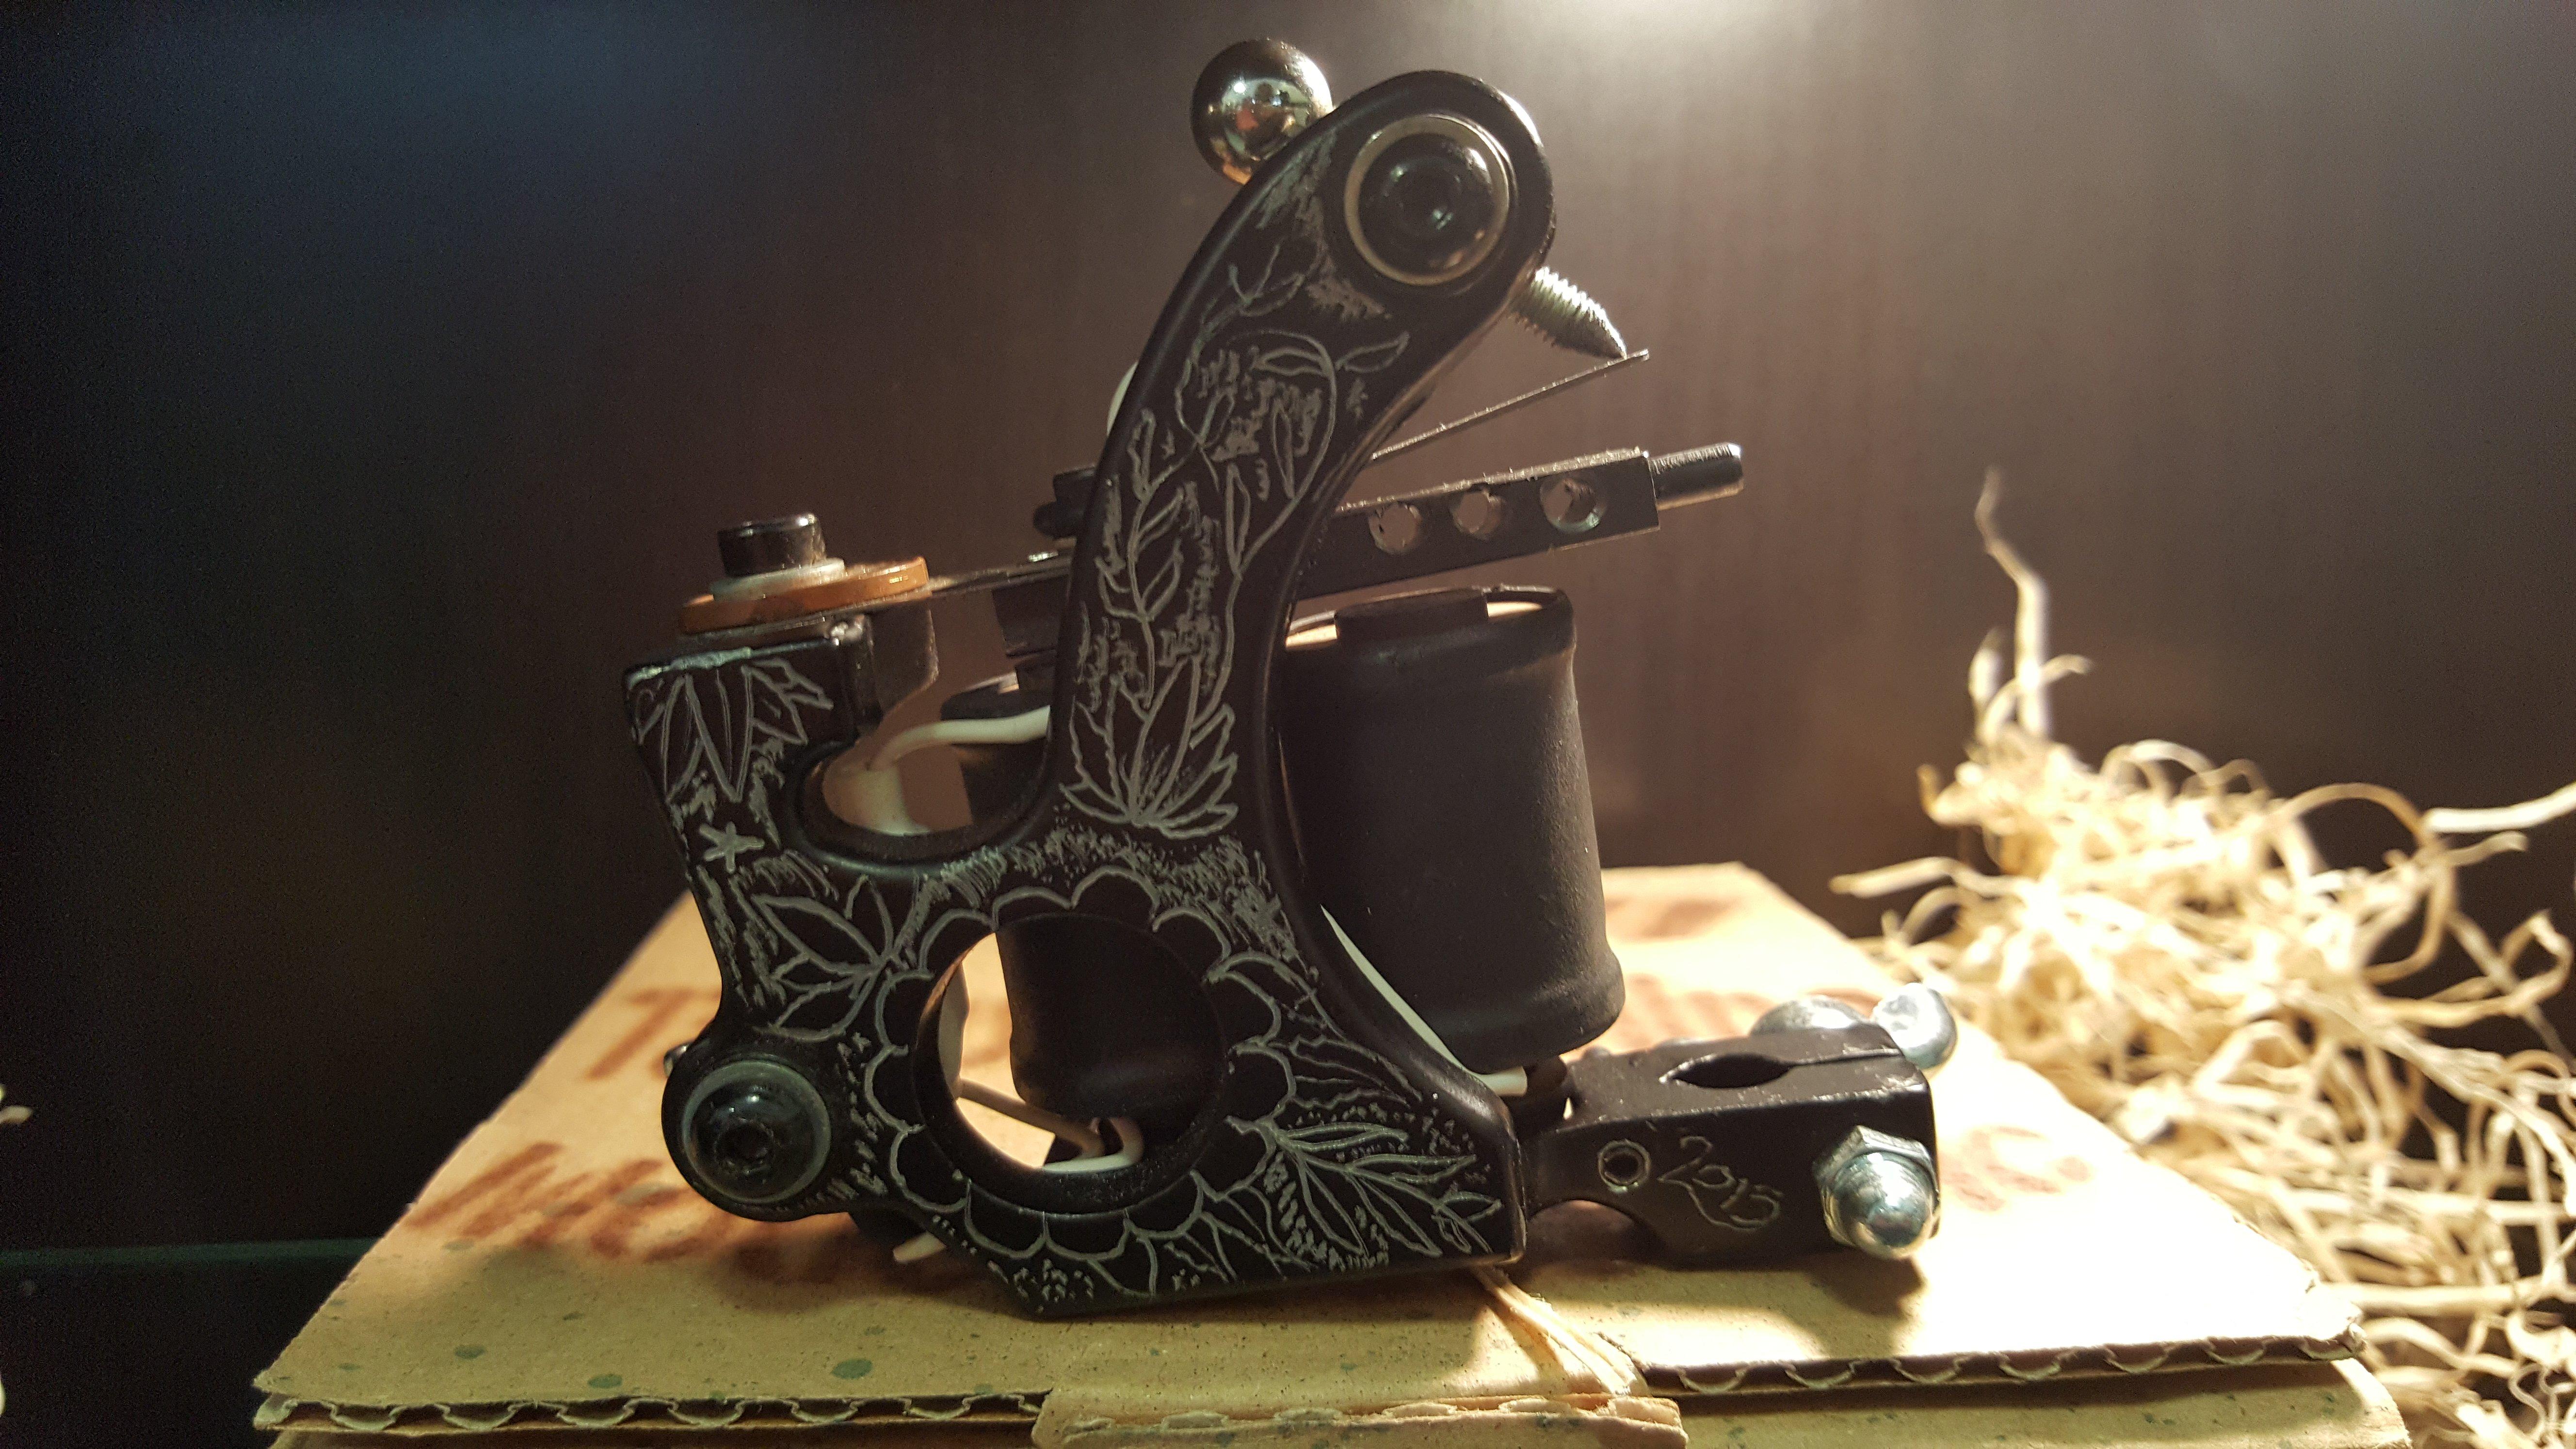 macchinette artigianali per tatuaggi